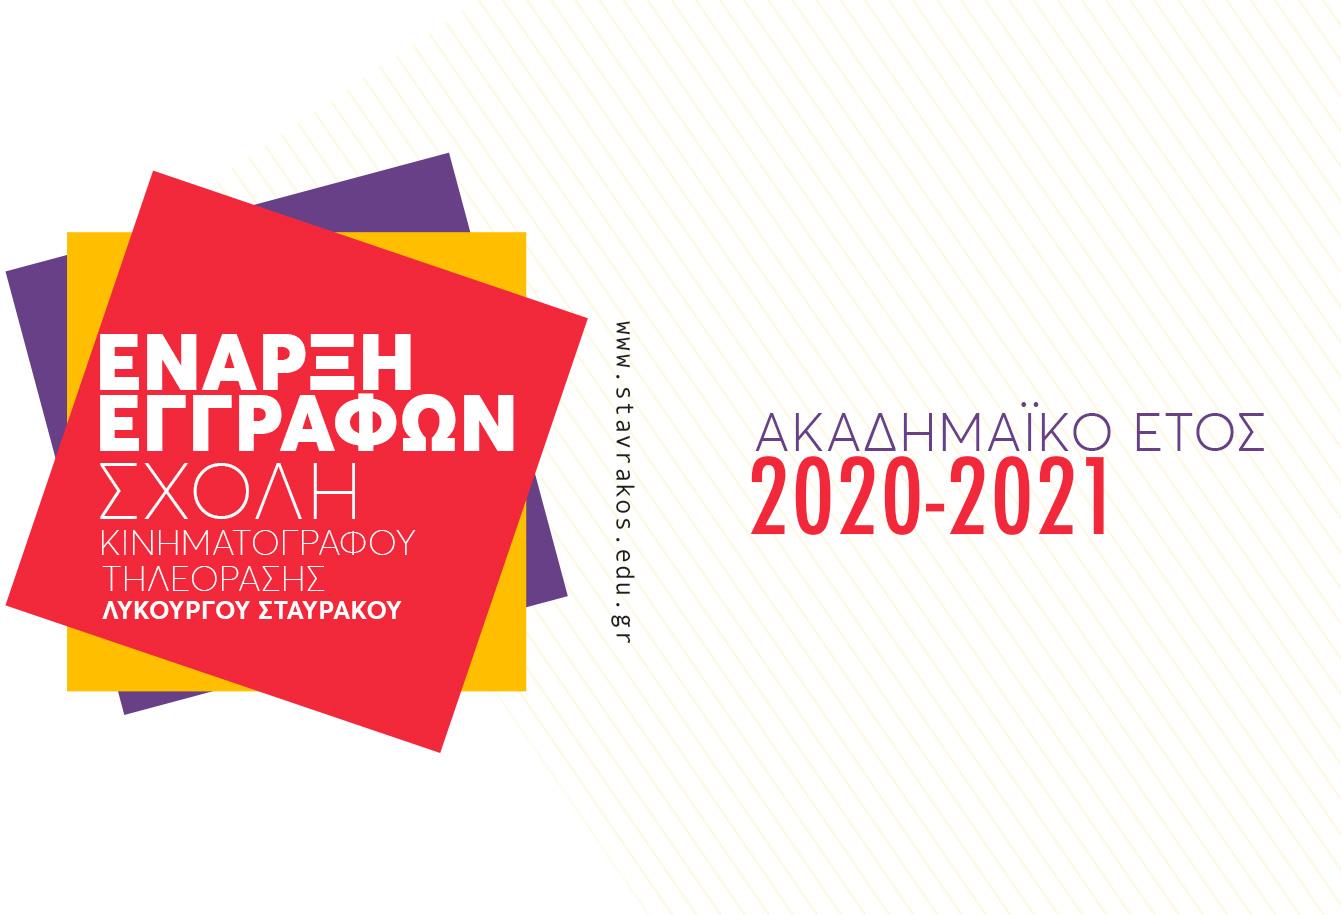 ΕΝΑΡΞΗ ΕΓΓΡΑΦΩΝ ΑΚΑΔΗΜΑΪΚΟY ΕΤΟYΣ 2020 – 2021